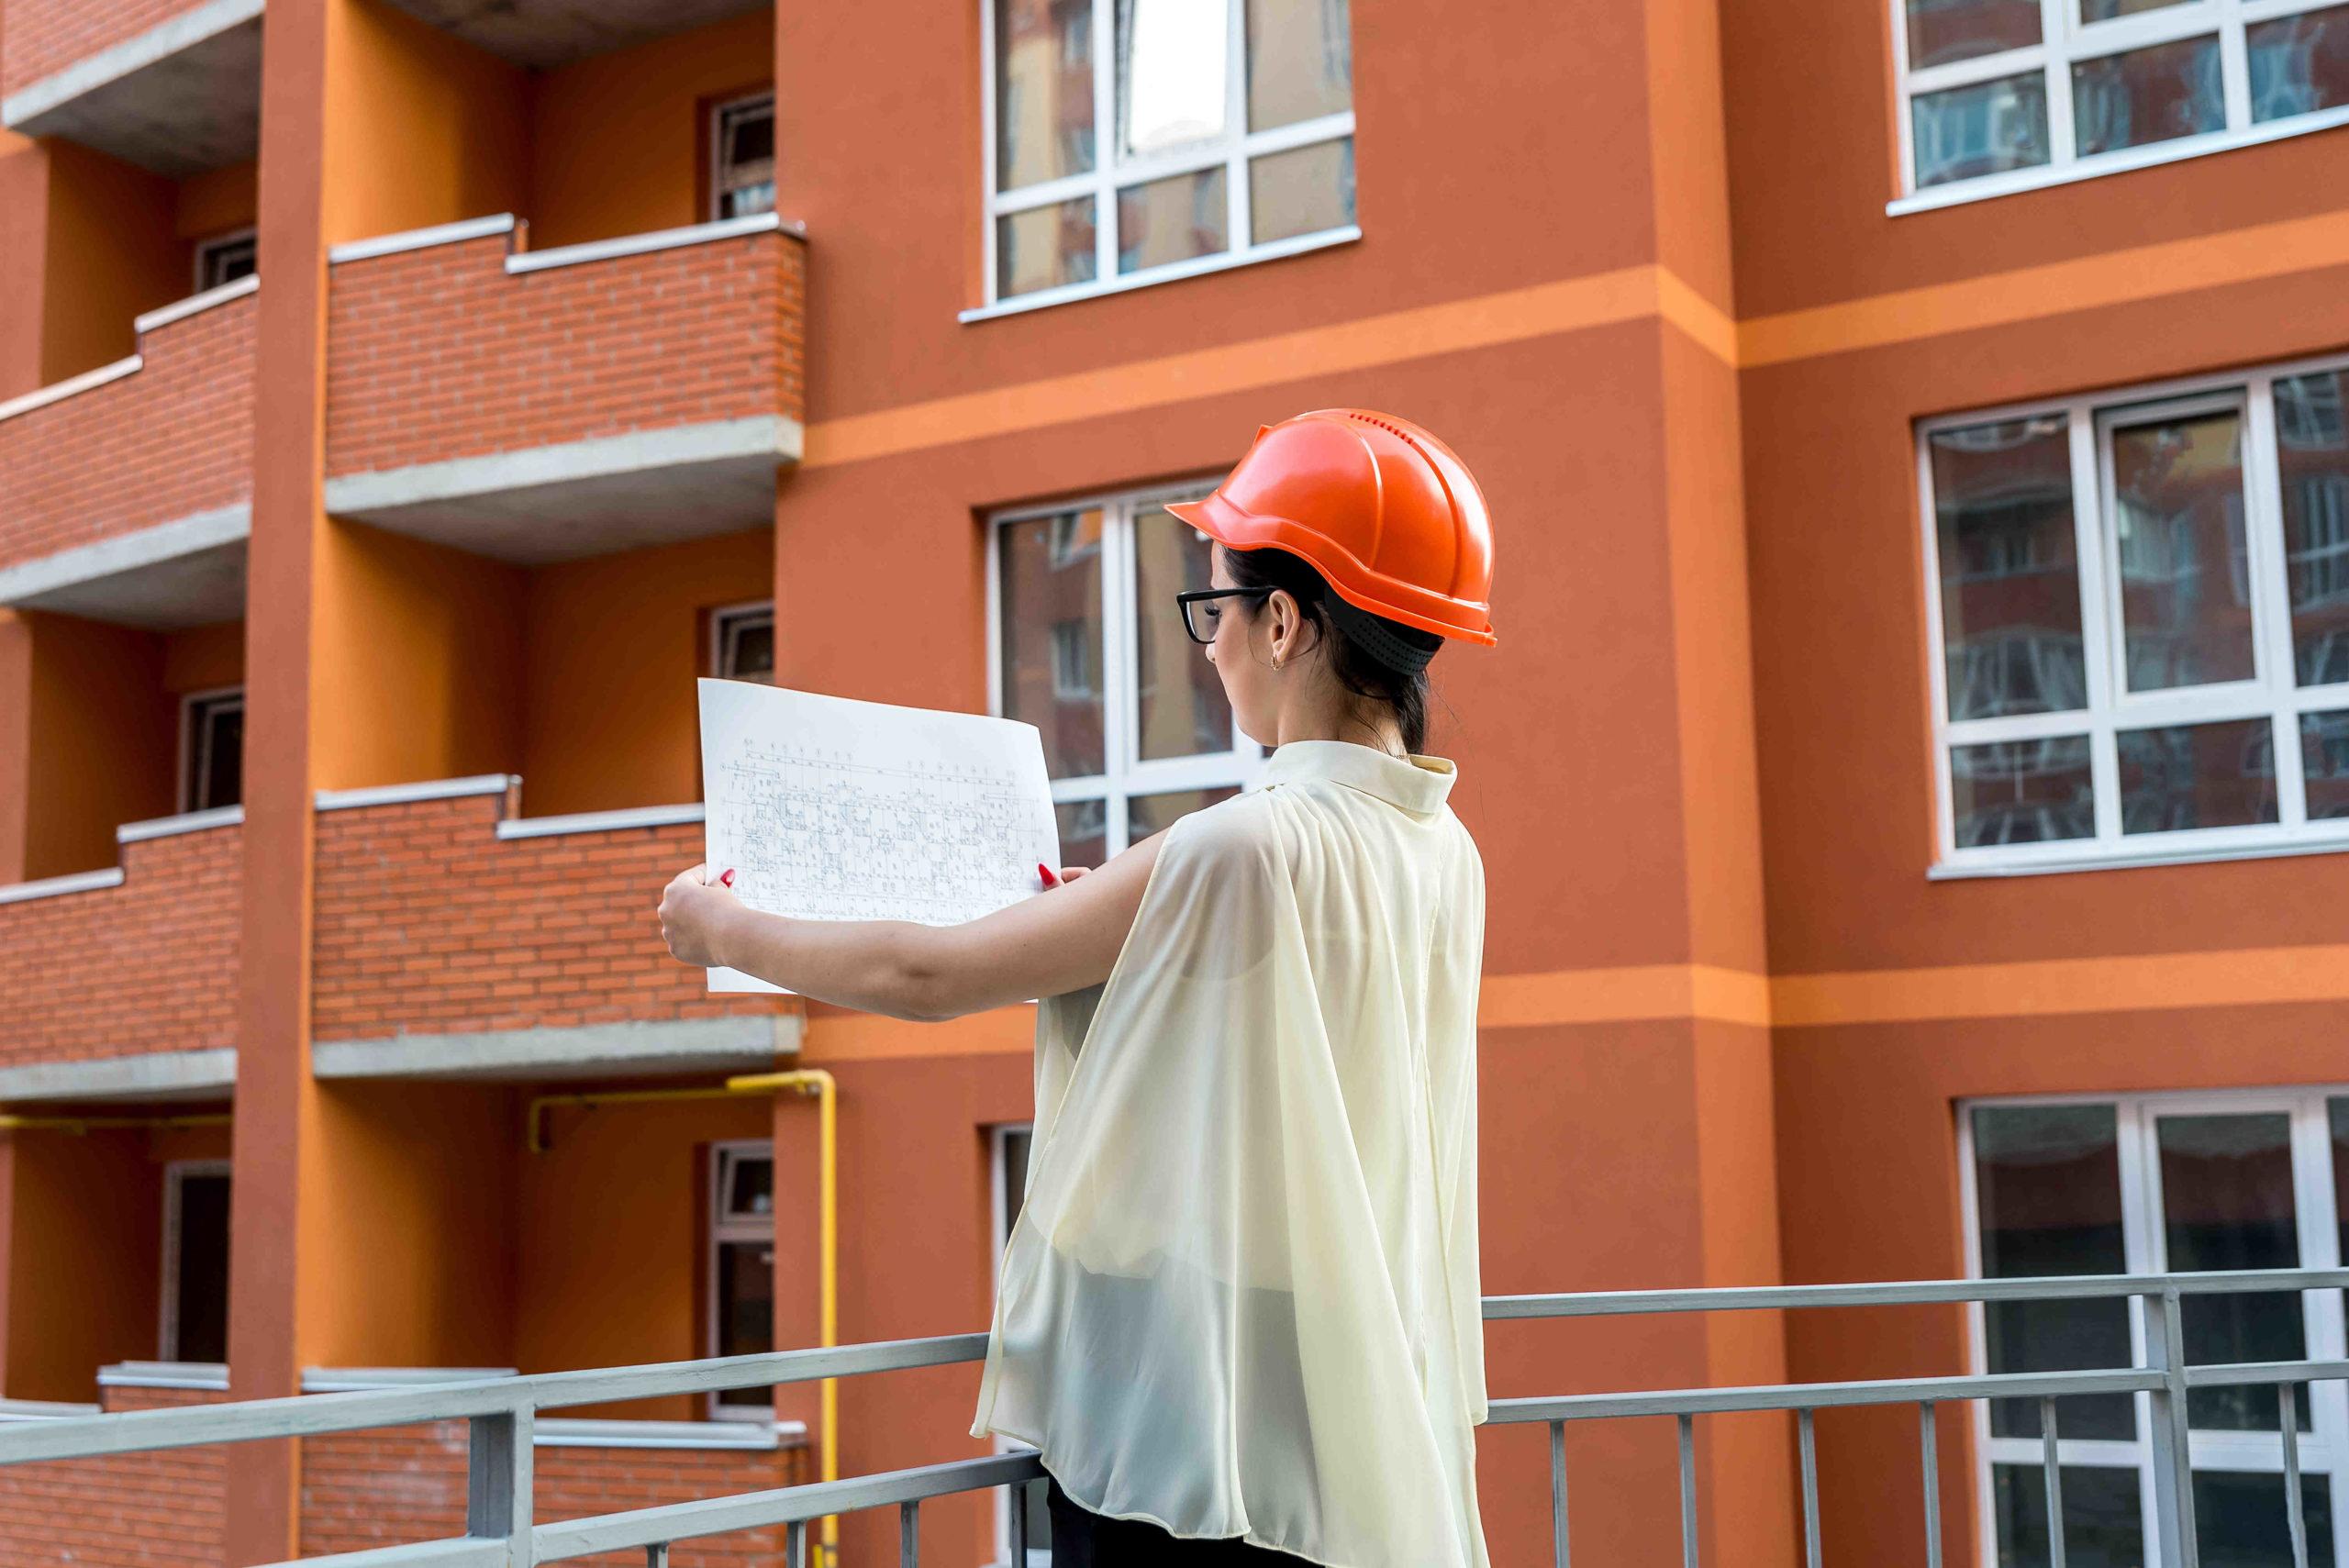 Comment faire estimer les travaux d'une maison avant achat ?